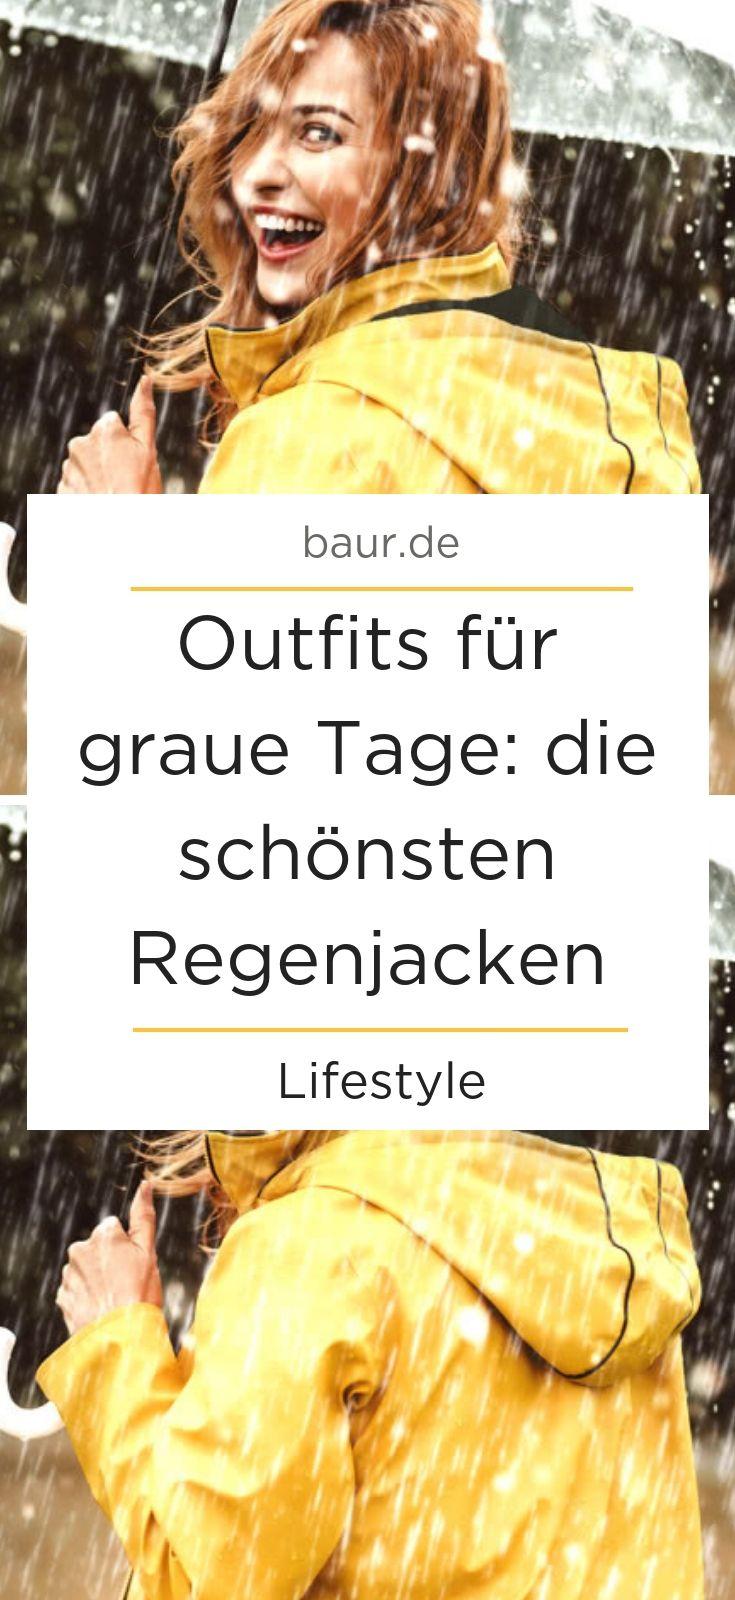 Regenoutfit – Outfits für graue Tage: die schönsten Regenjacken.  Mit einer Regenjacke oder einem Regenmantel bist du jederzeit für schlechtes Wetter gerüstet – sie sind aber auch perfekt für trockene, kalte Tage. Lass dich von unseren Outfit-Ideen inspirieren und entdecke, wie du deine Regenjacke stylen kannst. #regenjacke #regenmantel #regenjackestylen #outfitidee #outfitregenjacke #musthave #regenwetter #baur